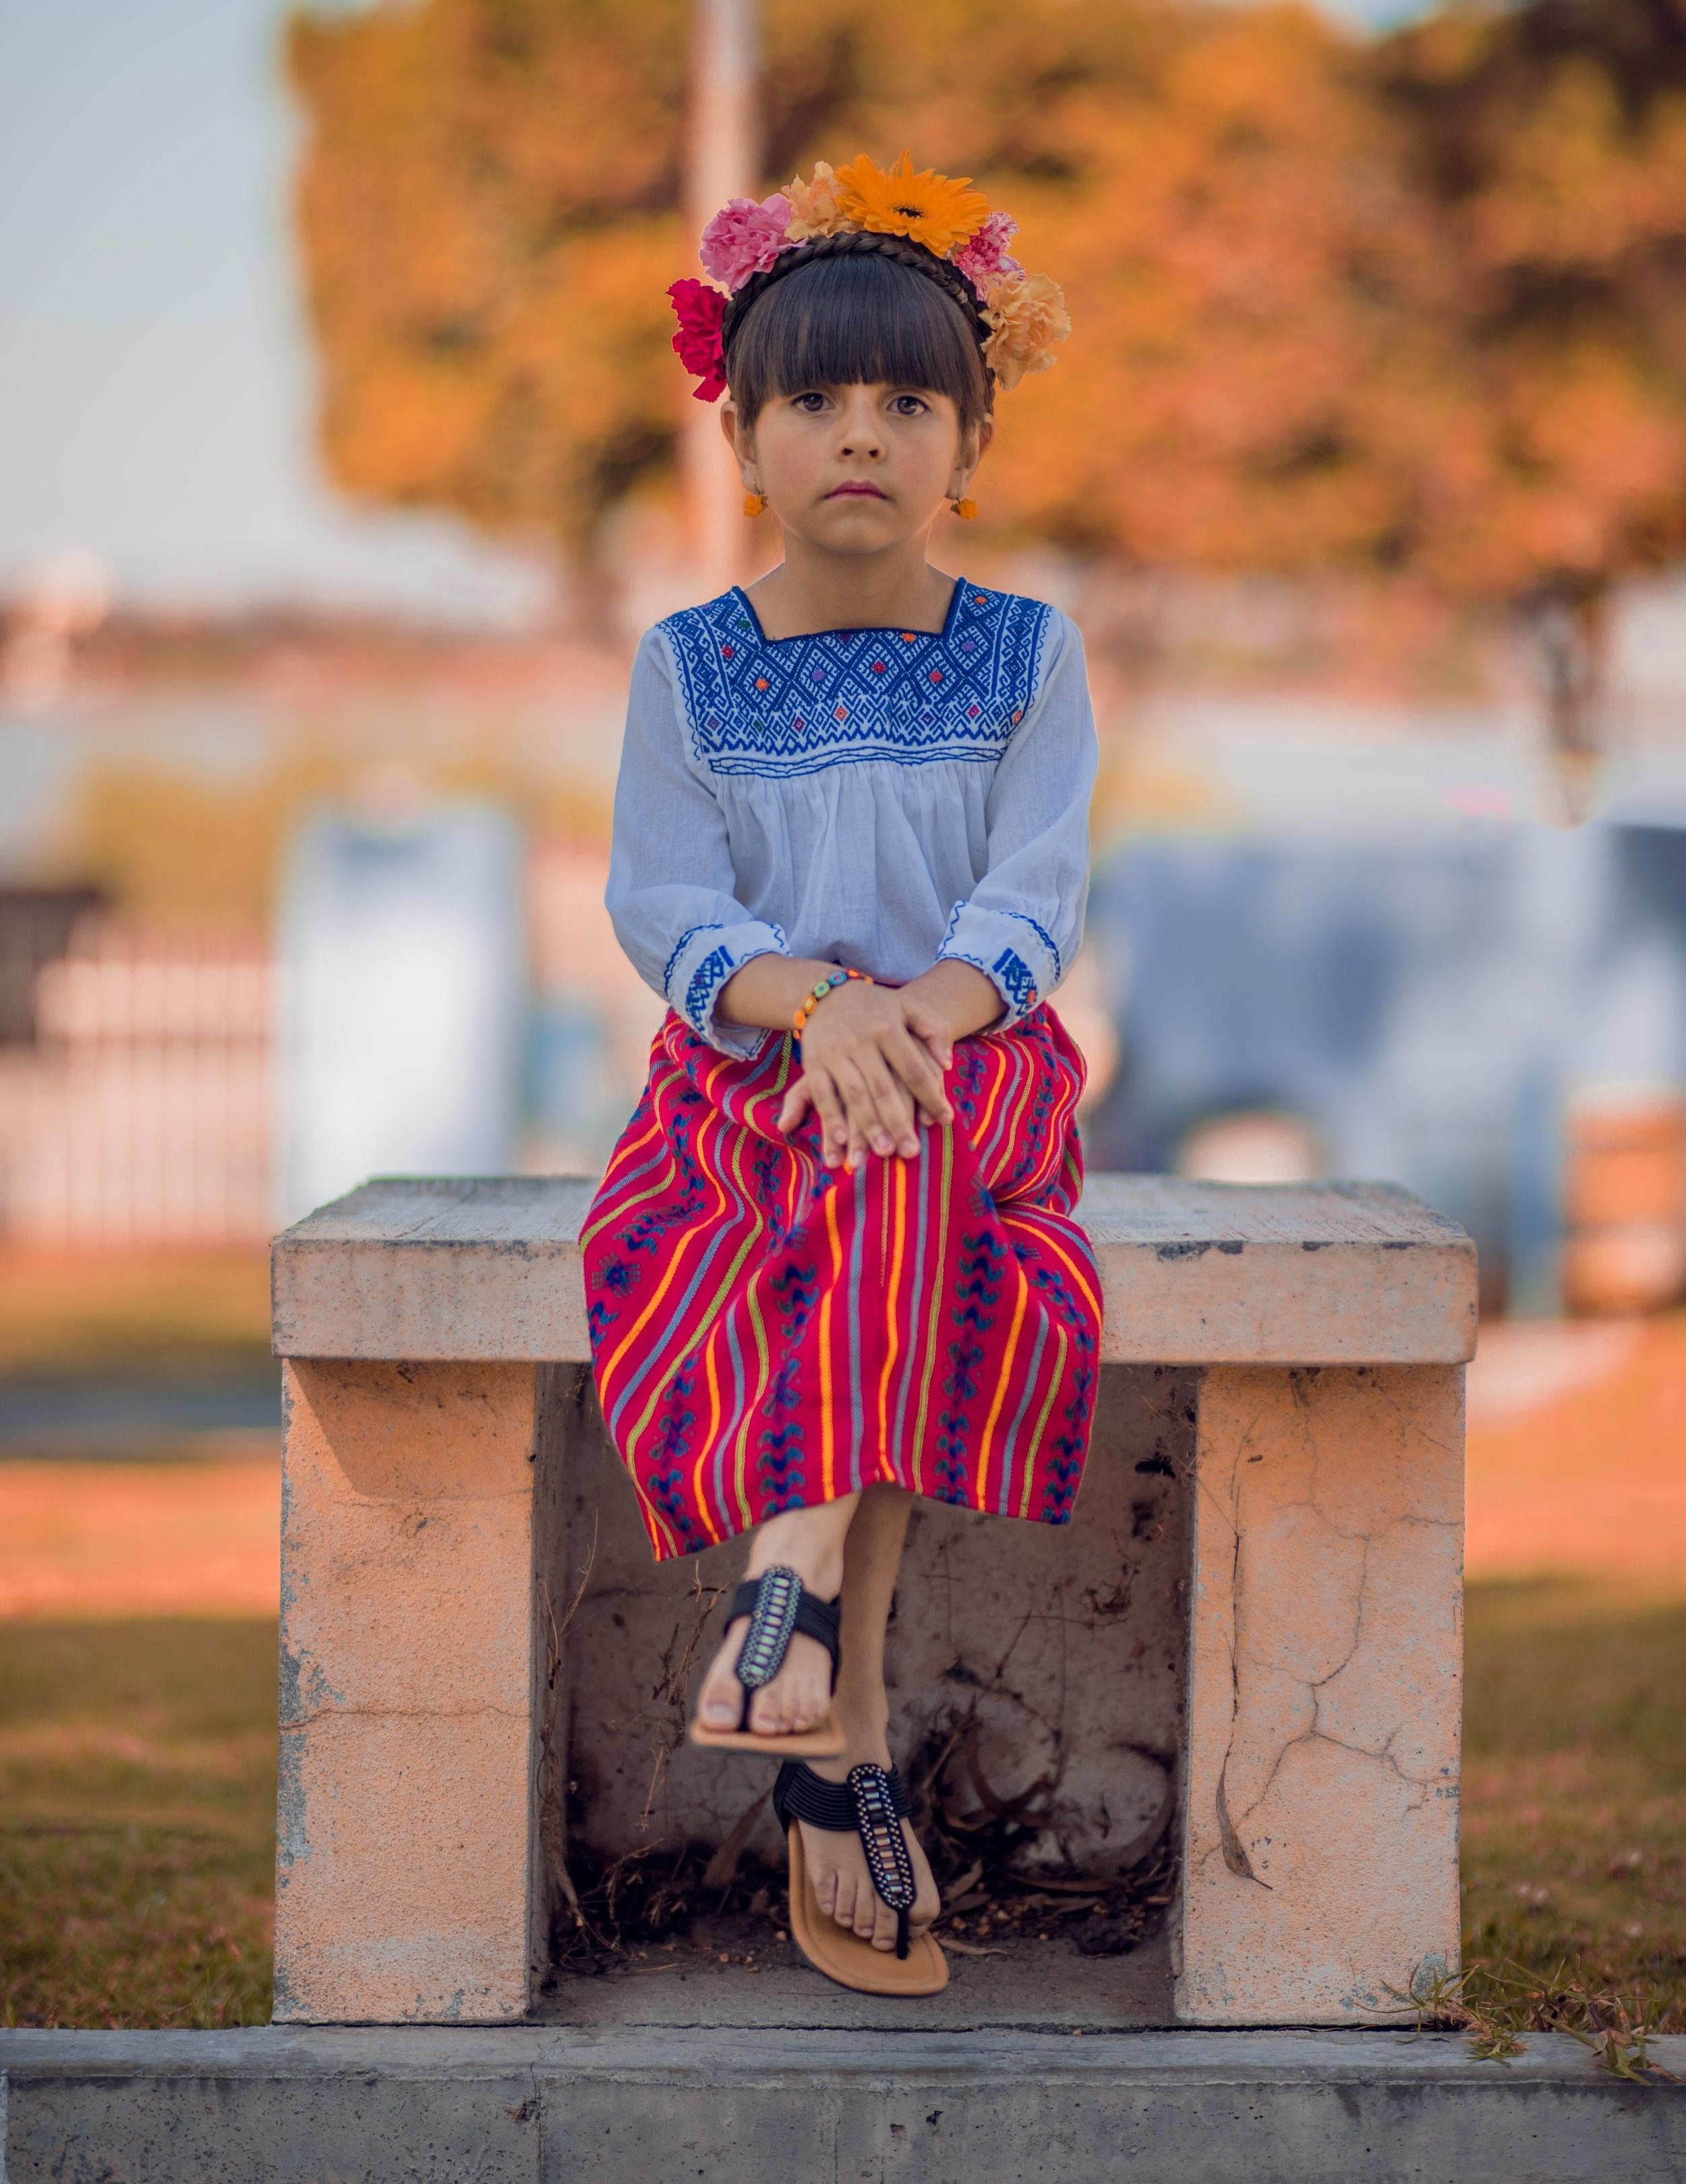 Hogar Rafael Guizar y Valencia, Mexique 2010 - Fondé le 12 juillet 1955 à mexico city par le père Yves Magninpour contribuer au développement des enfants (filles) afin qu'elles deviennent des personnes utiles et responsables. Le Foyer reçoit des filles entre 4 et 18 ansqui appartiennent à des familles ayant des problèmes économiquesou sont désintégrées. Elles n'ont pas toujours l'appui d'un de leurs parents, même si elles ne sont pas orphelines…